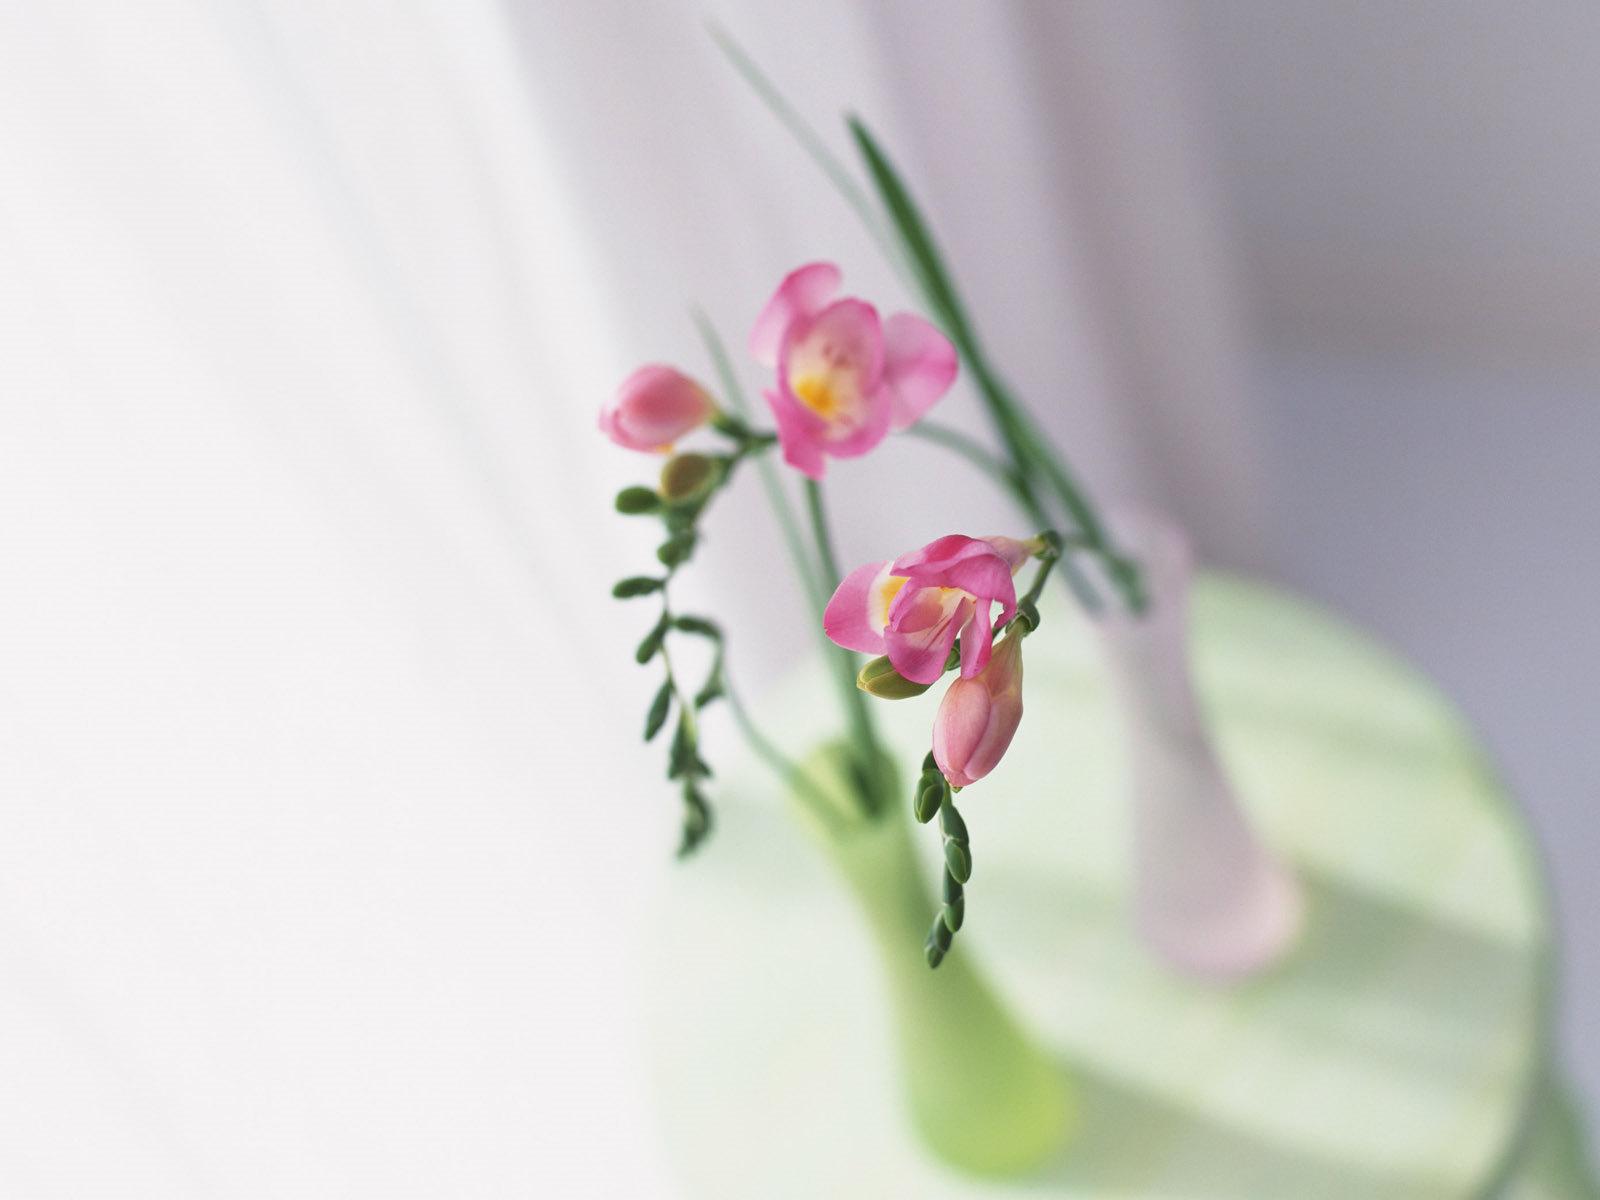 17308 скачать обои Растения, Цветы, Натюрморт - заставки и картинки бесплатно